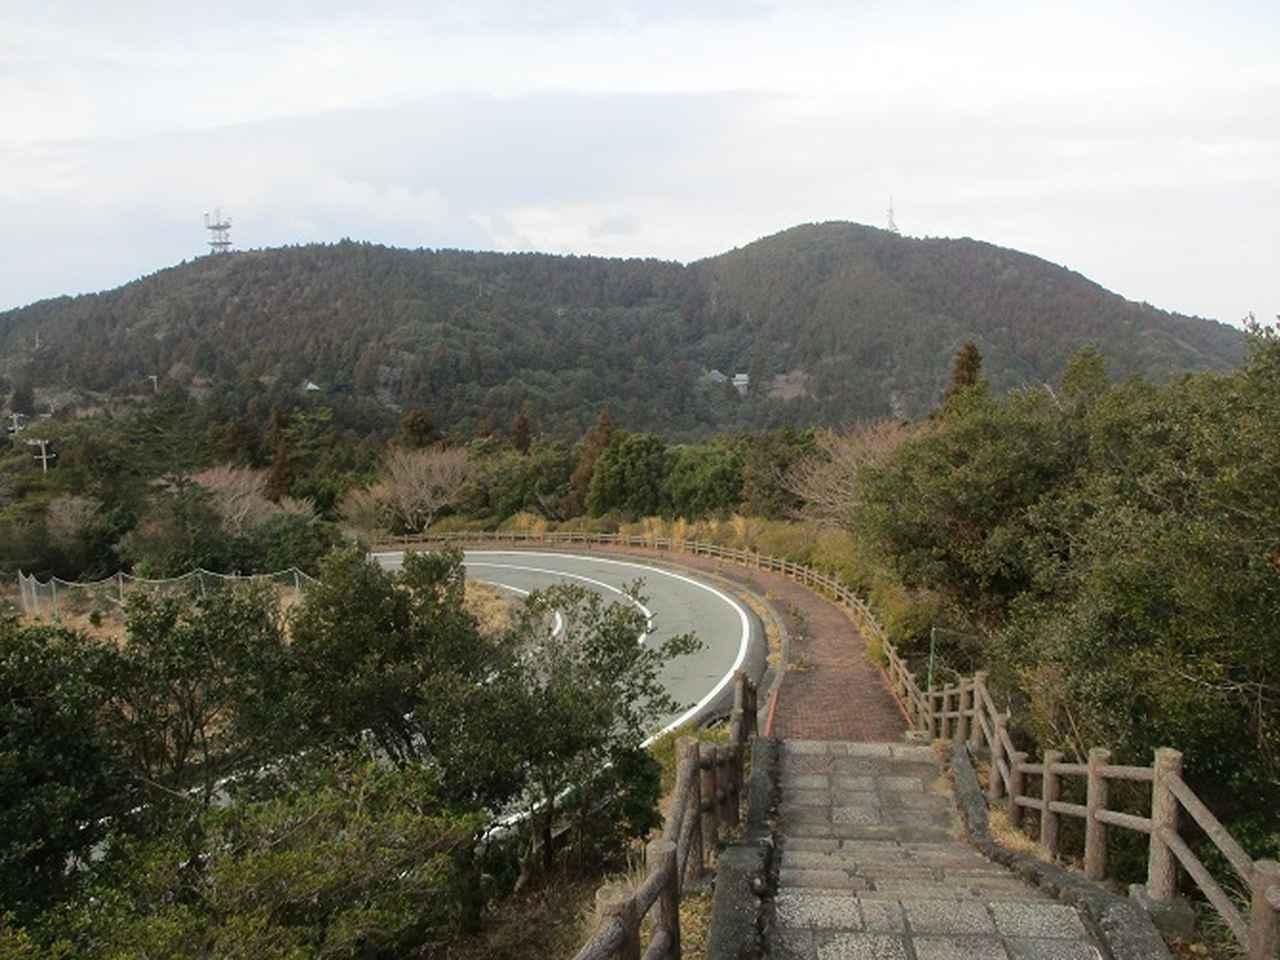 画像3: 3月の 「横山と朝熊ヶ岳」 ツアーの下見に行ってきました!